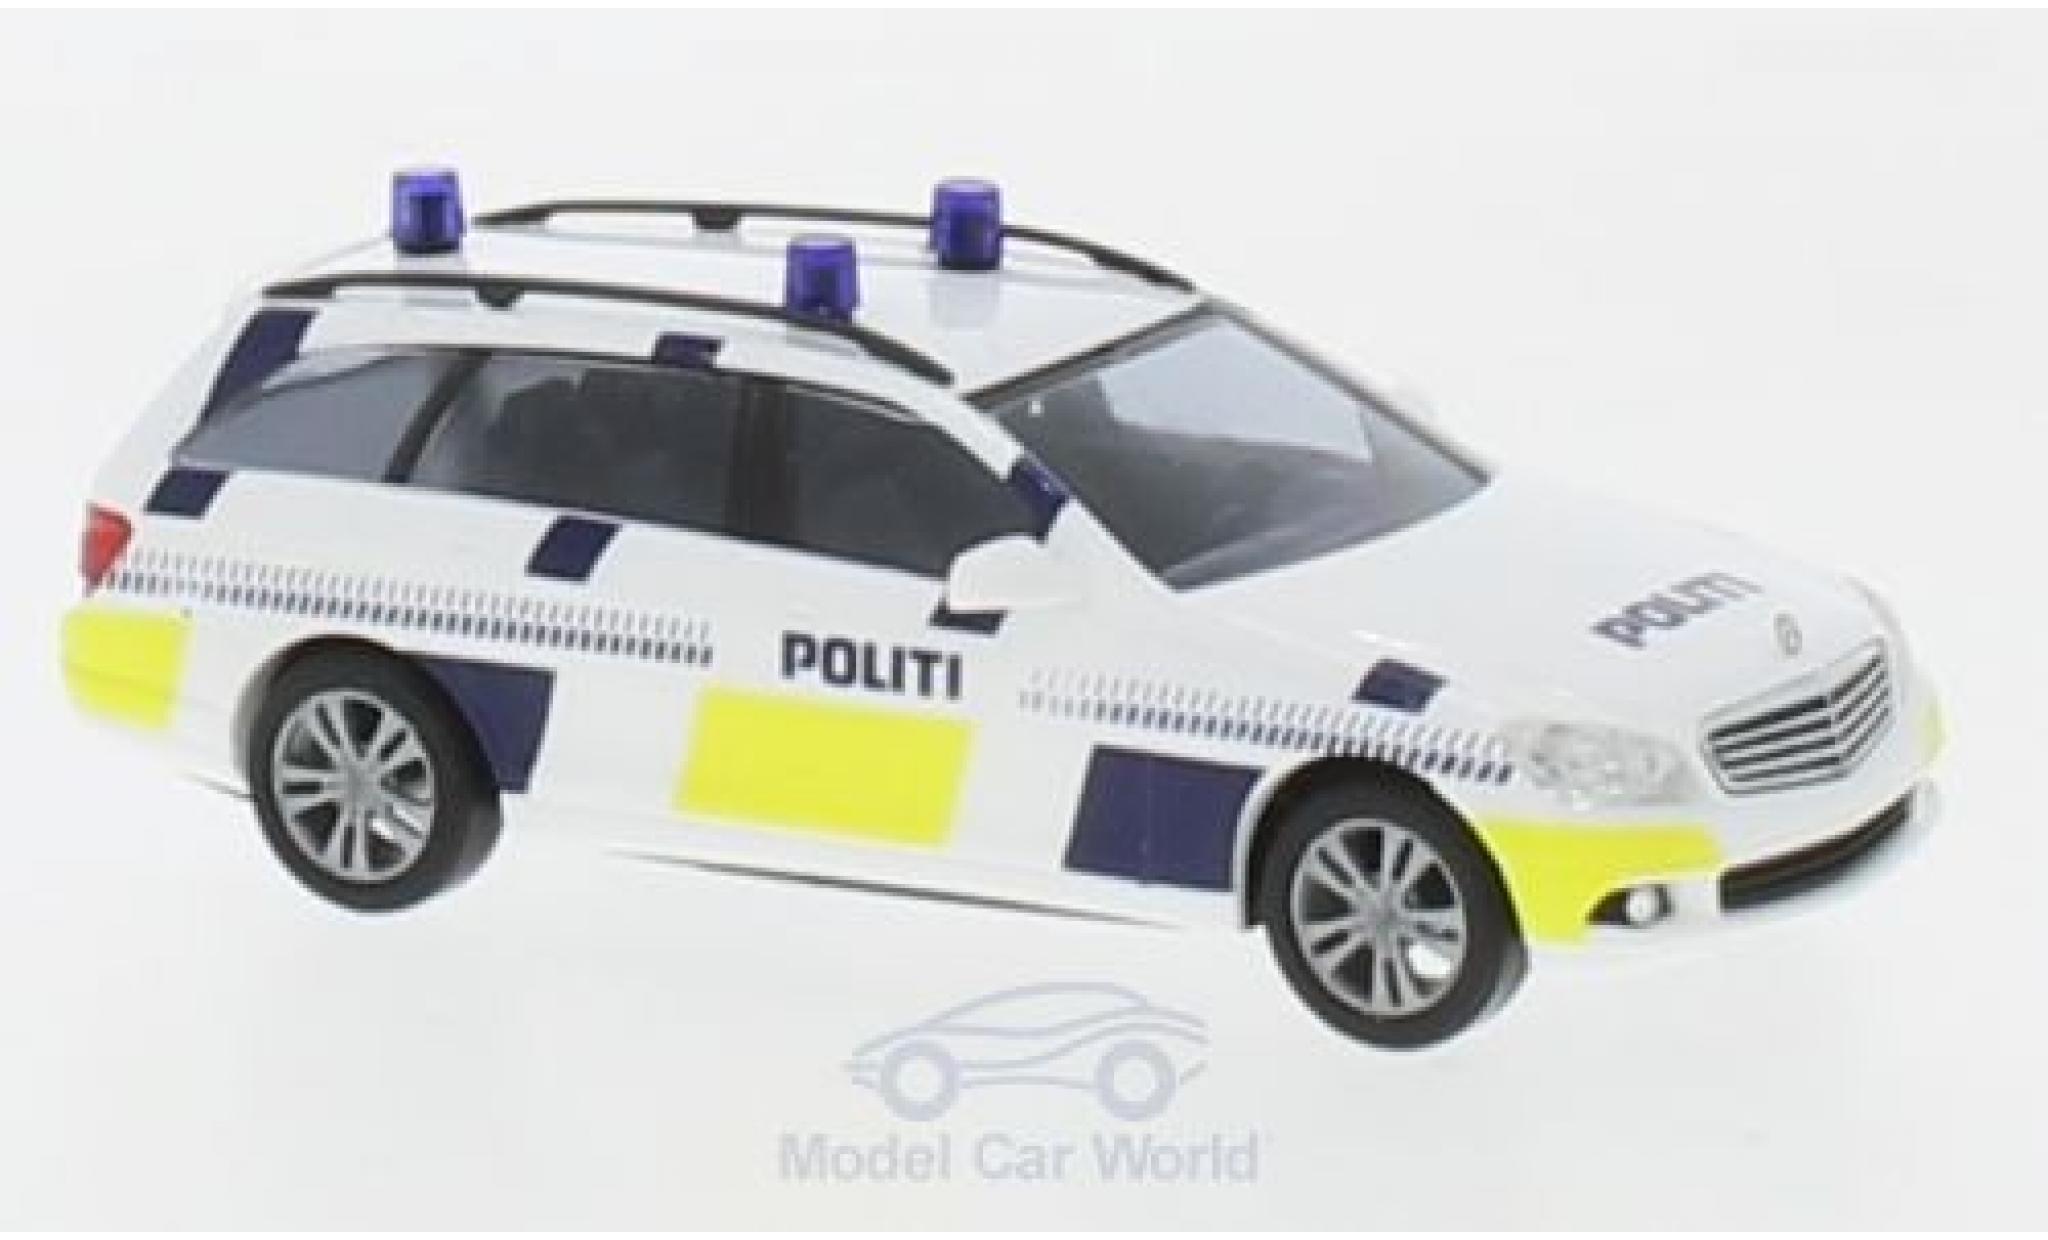 Mercedes Classe C 1/87 Busch T-Modell Politi